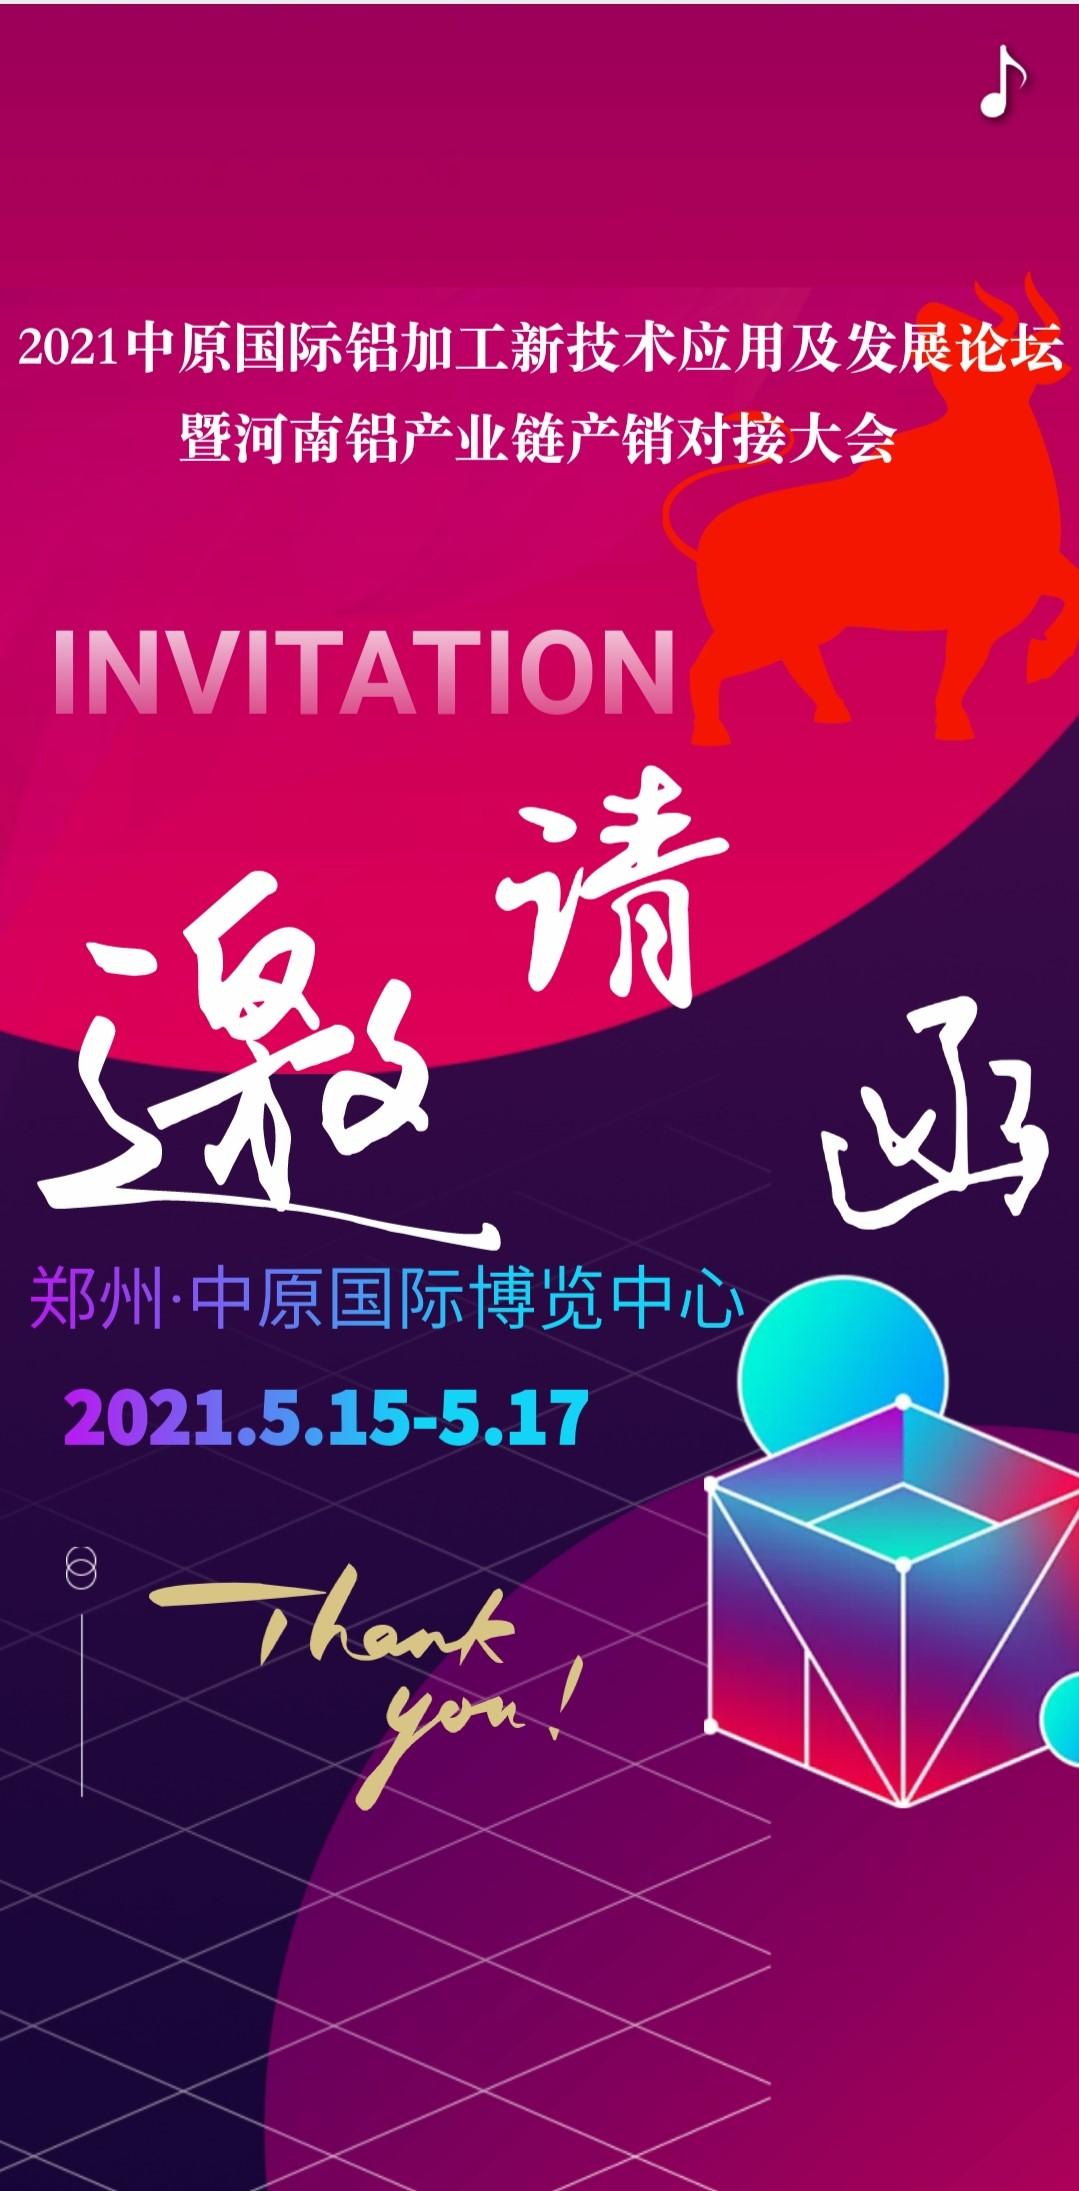 【倒计时】诚邀您参与,期待您的到来!